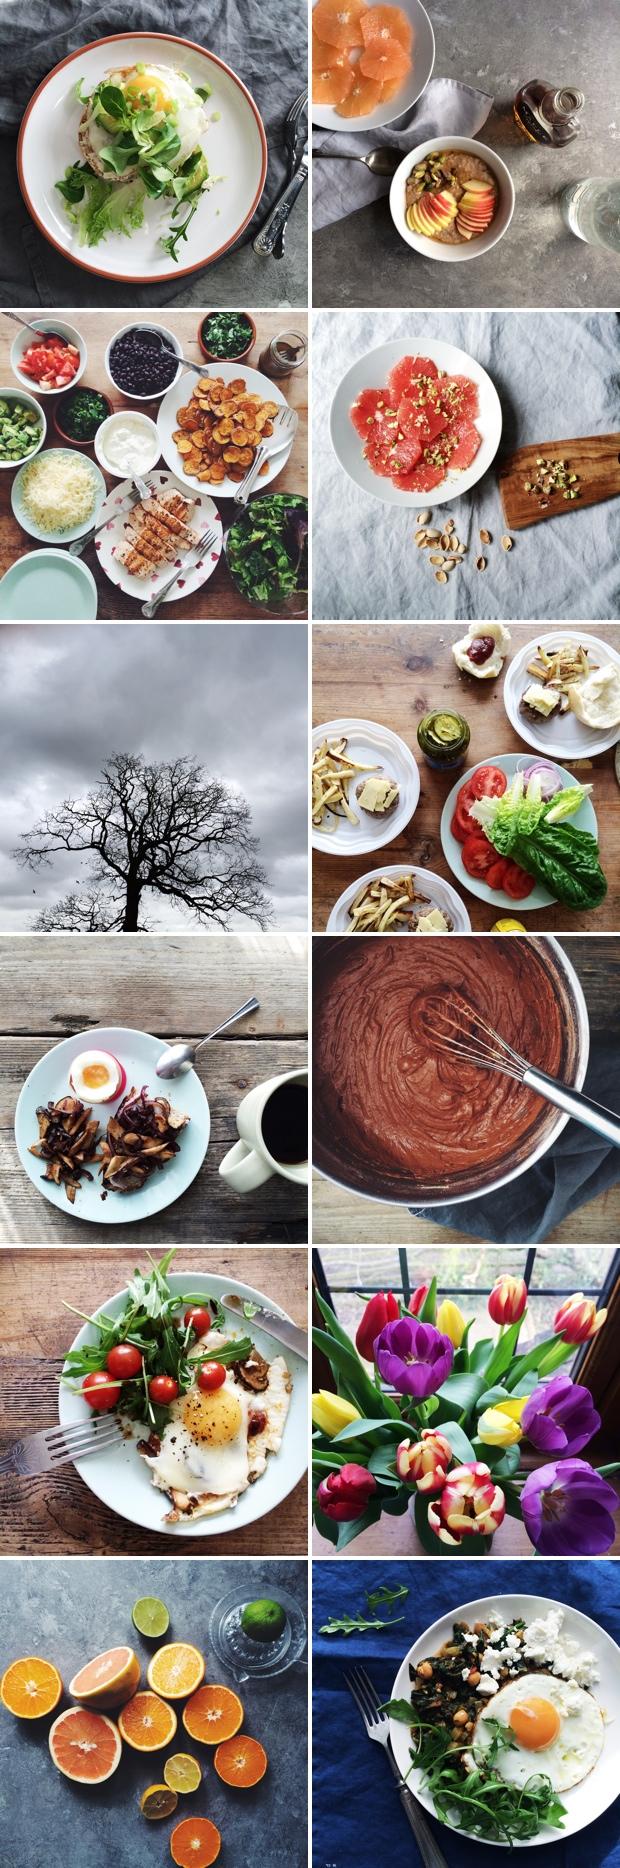 Instagram_February